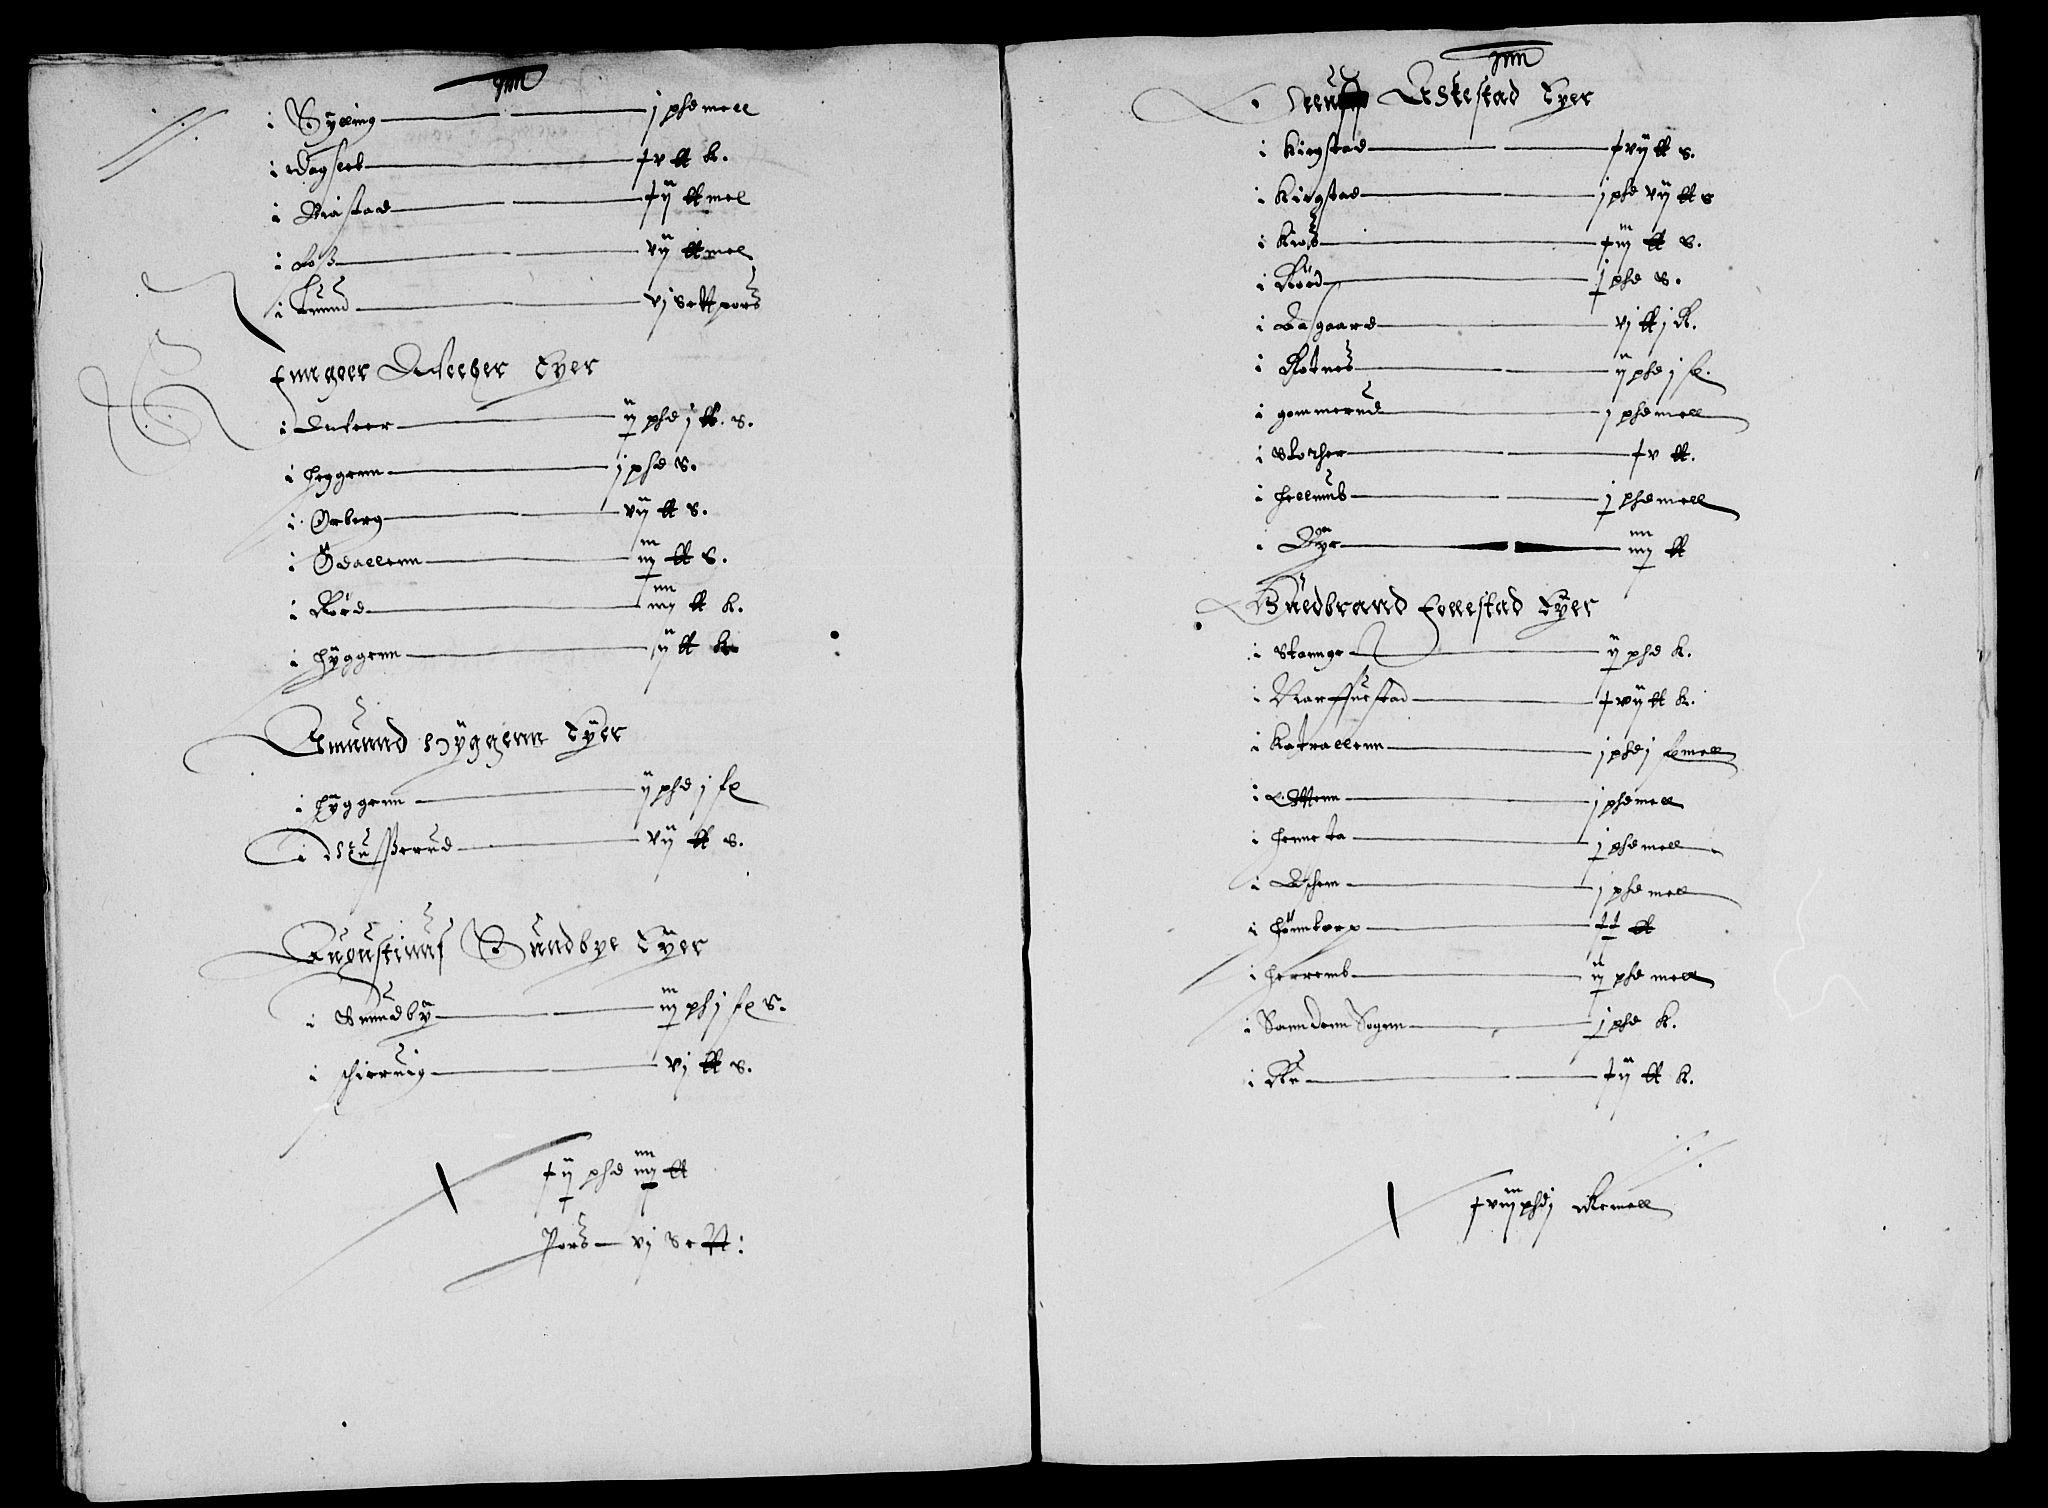 RA, Rentekammeret inntil 1814, Reviderte regnskaper, Lensregnskaper, R/Rb/Rba/L0162: Akershus len, 1641-1642